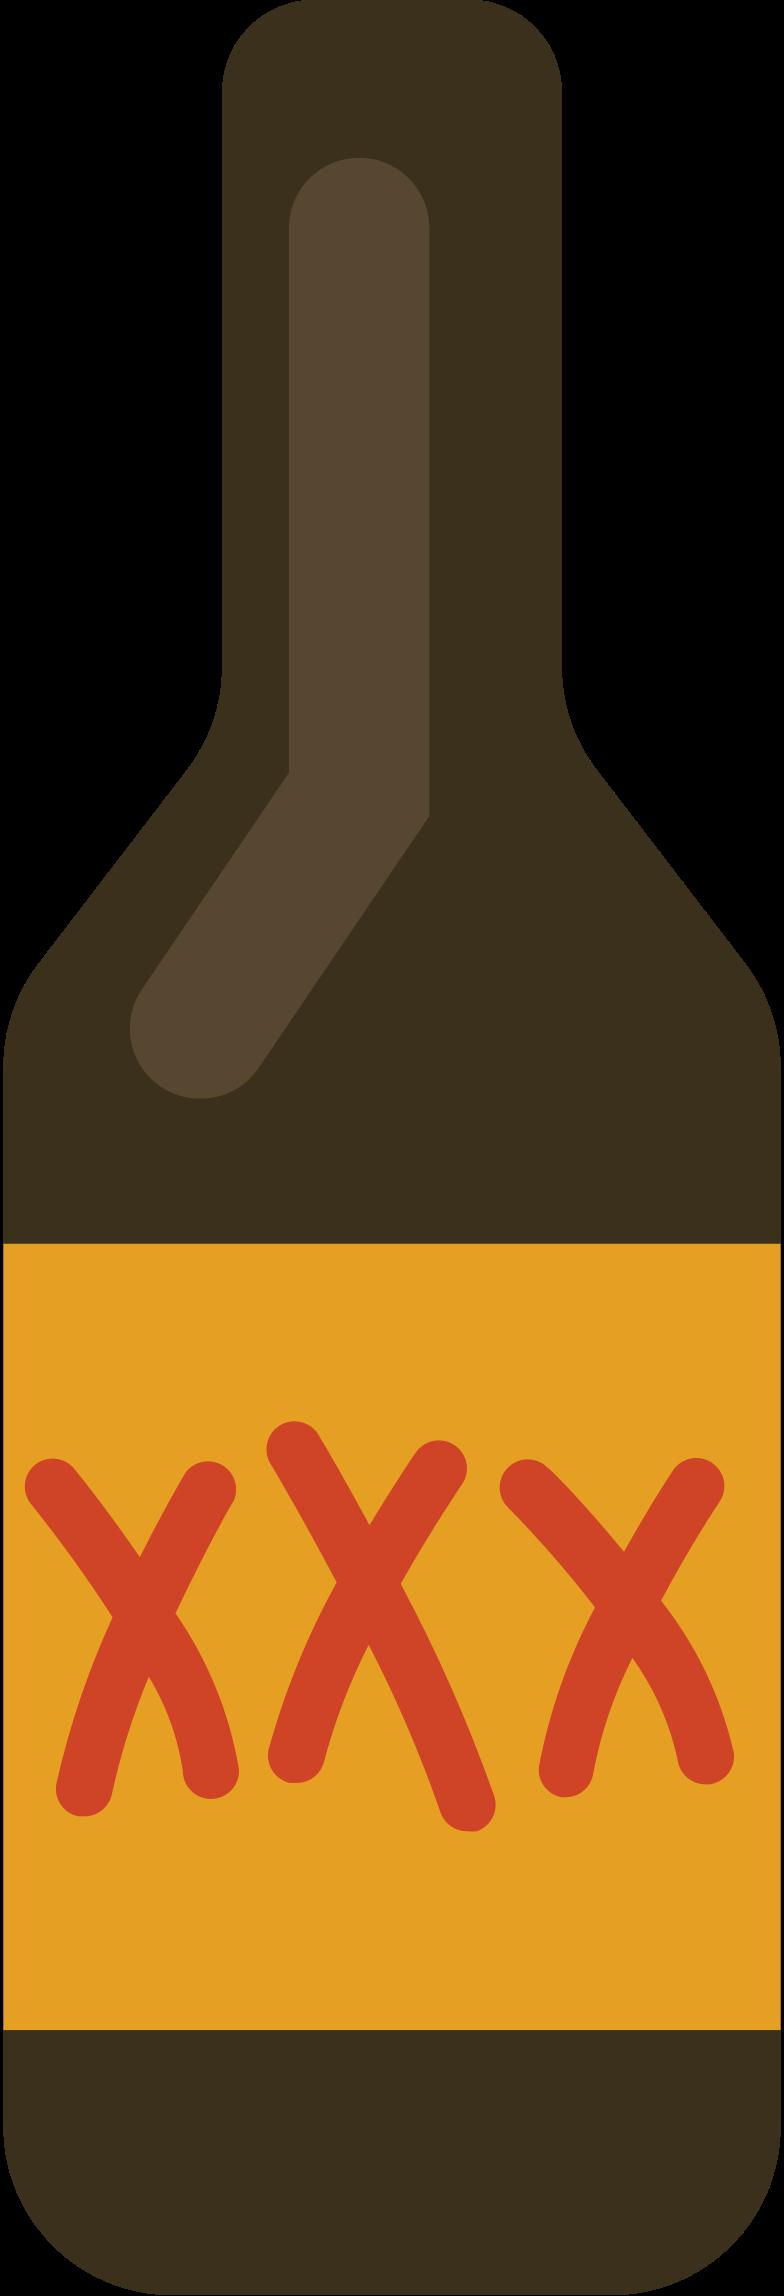 beer bottle Clipart illustration in PNG, SVG